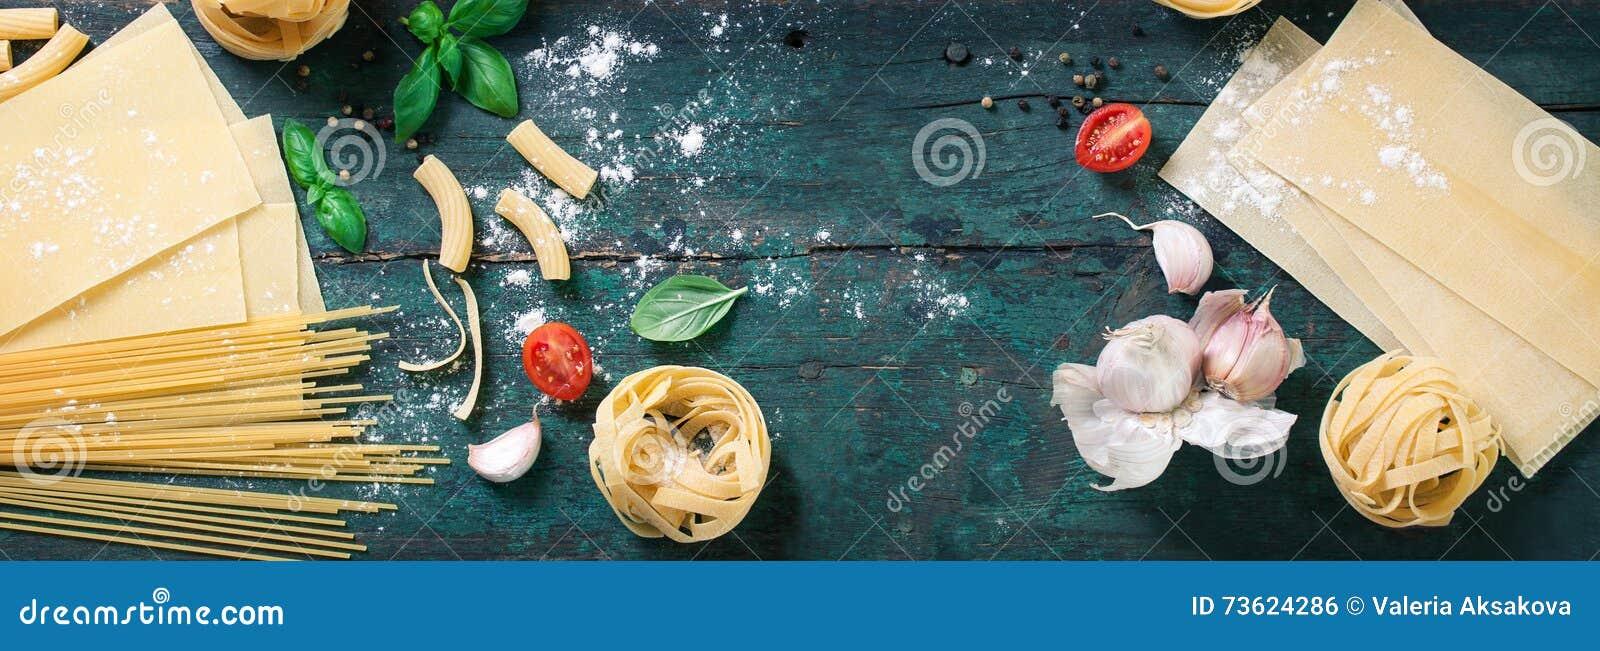 用面团、健康或者素食主义者概念的不同的类型的意大利食物背景